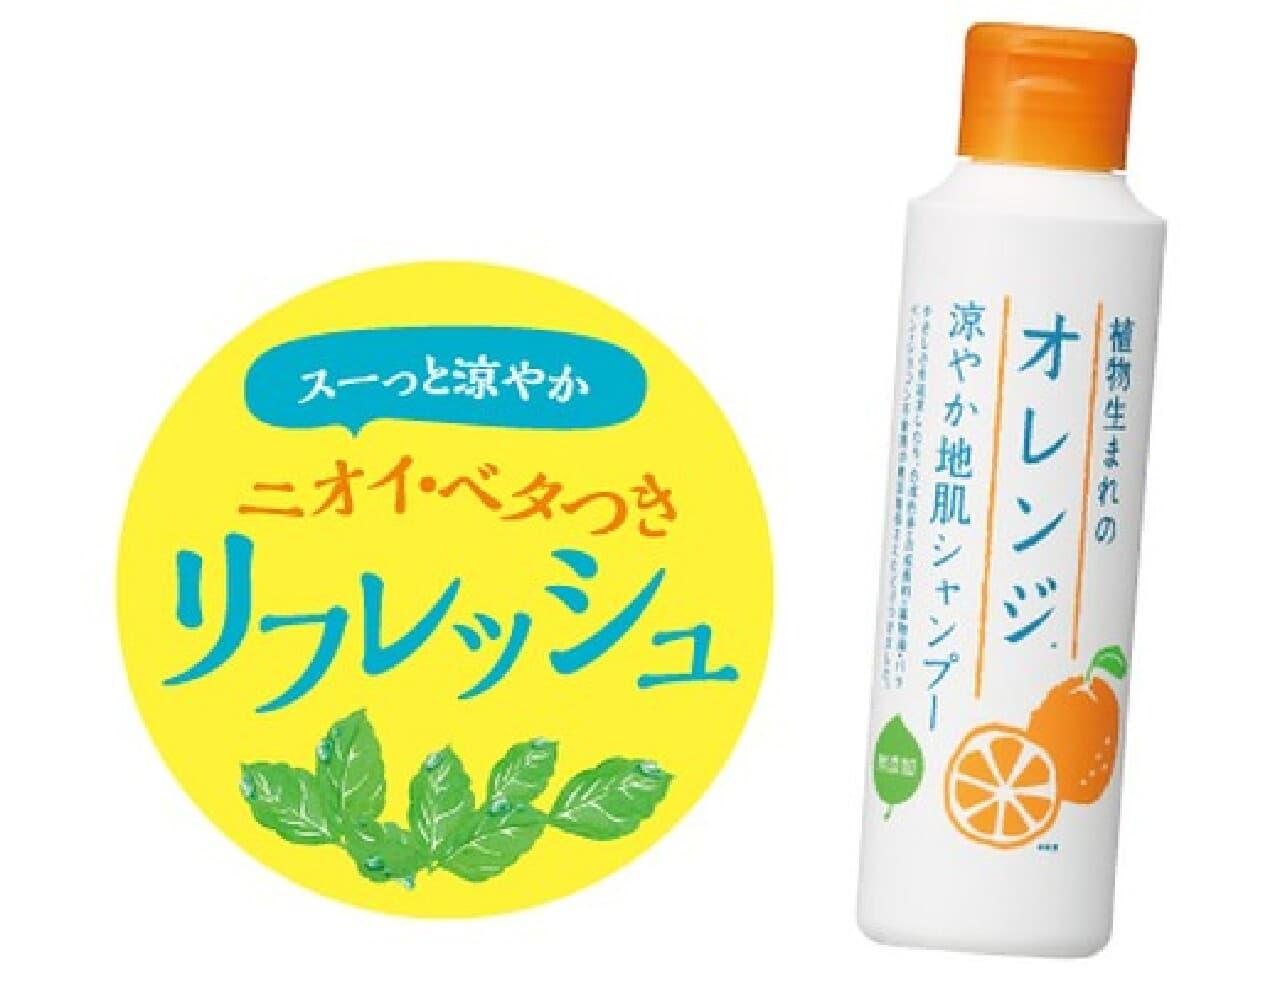 植物生まれのオレンジ涼やか地肌シャンプー